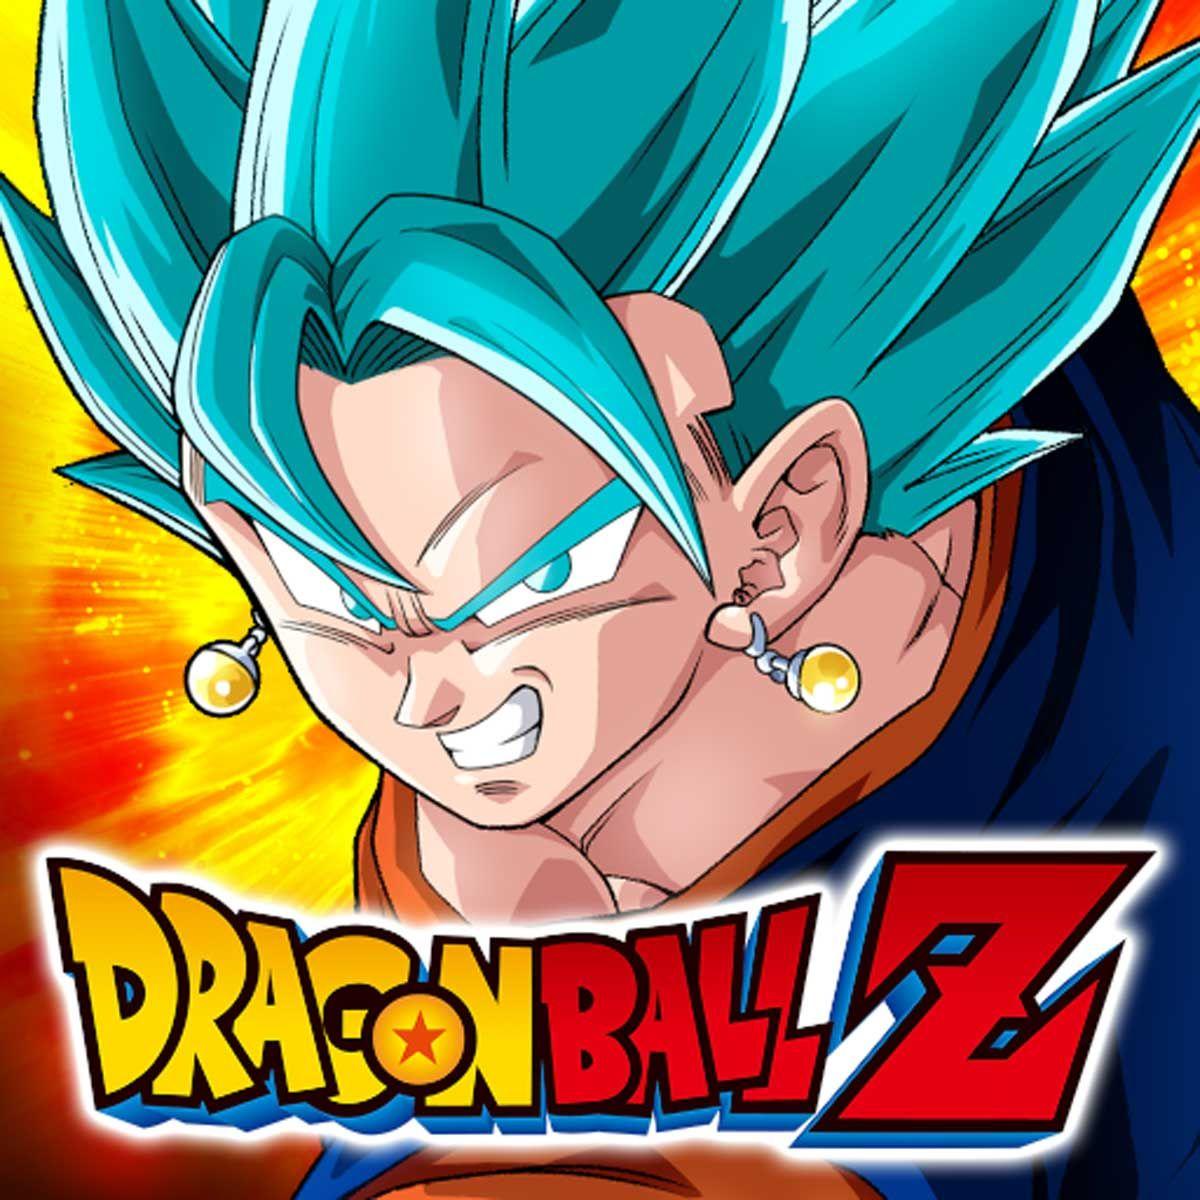 Dbz Dokkan Battle App - HD Wallpaper